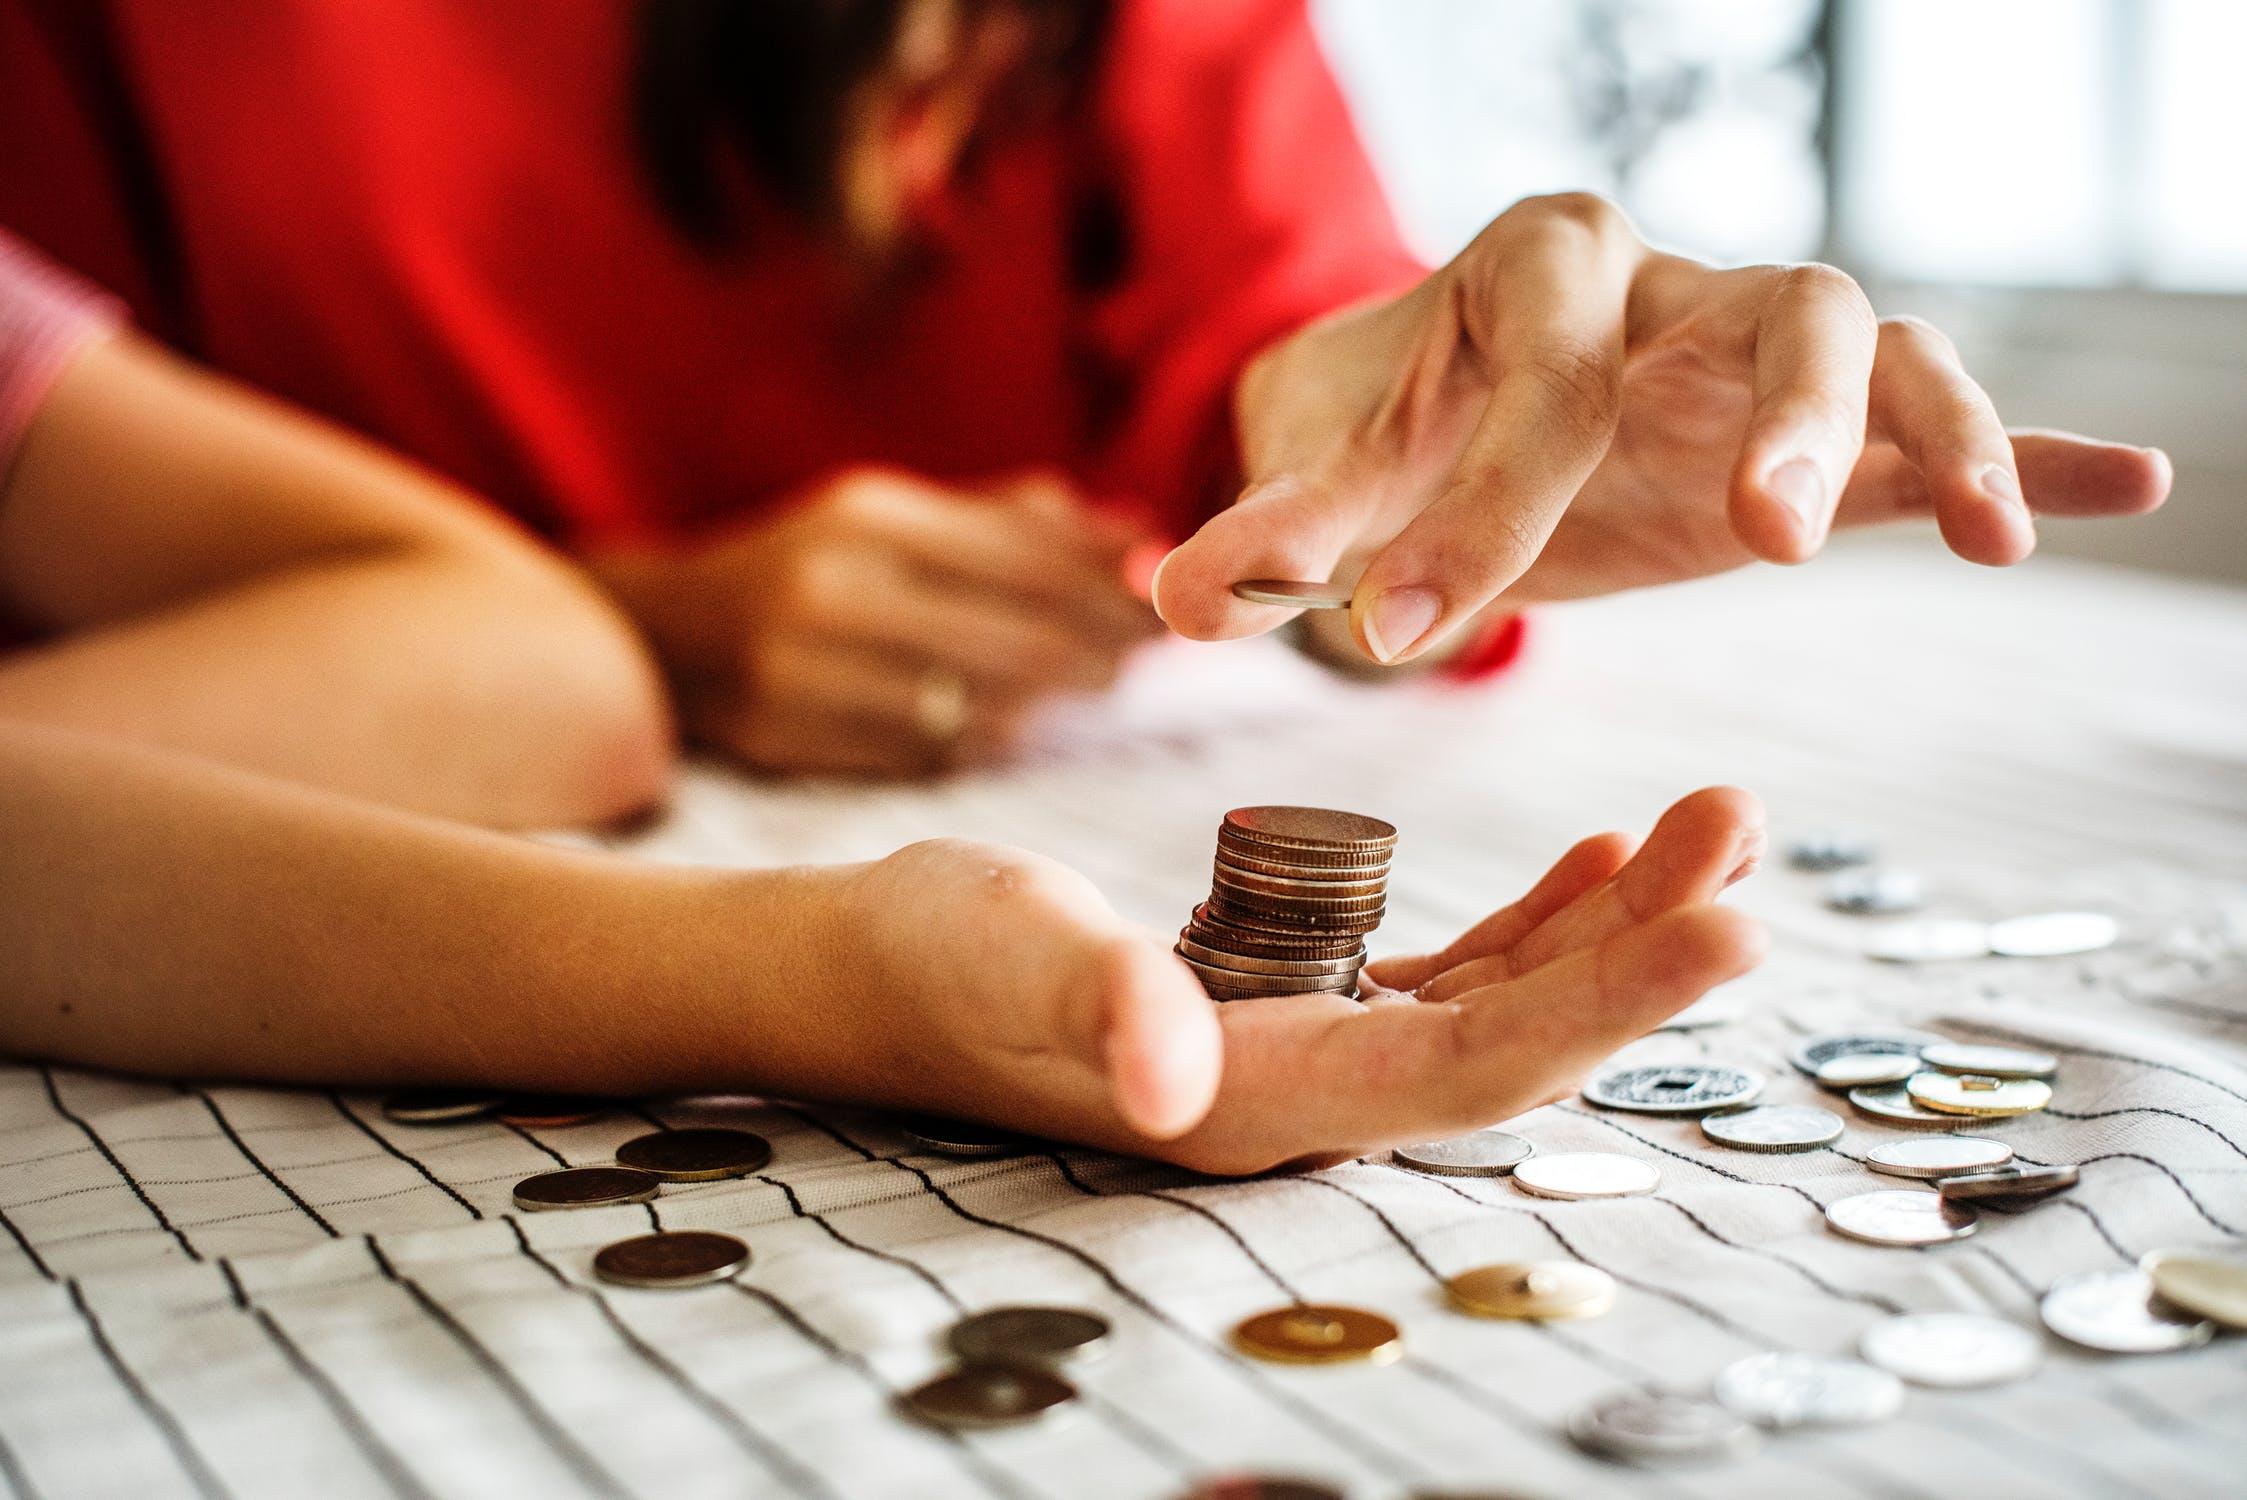 kā nopelnīt un ietaupīt naudu)